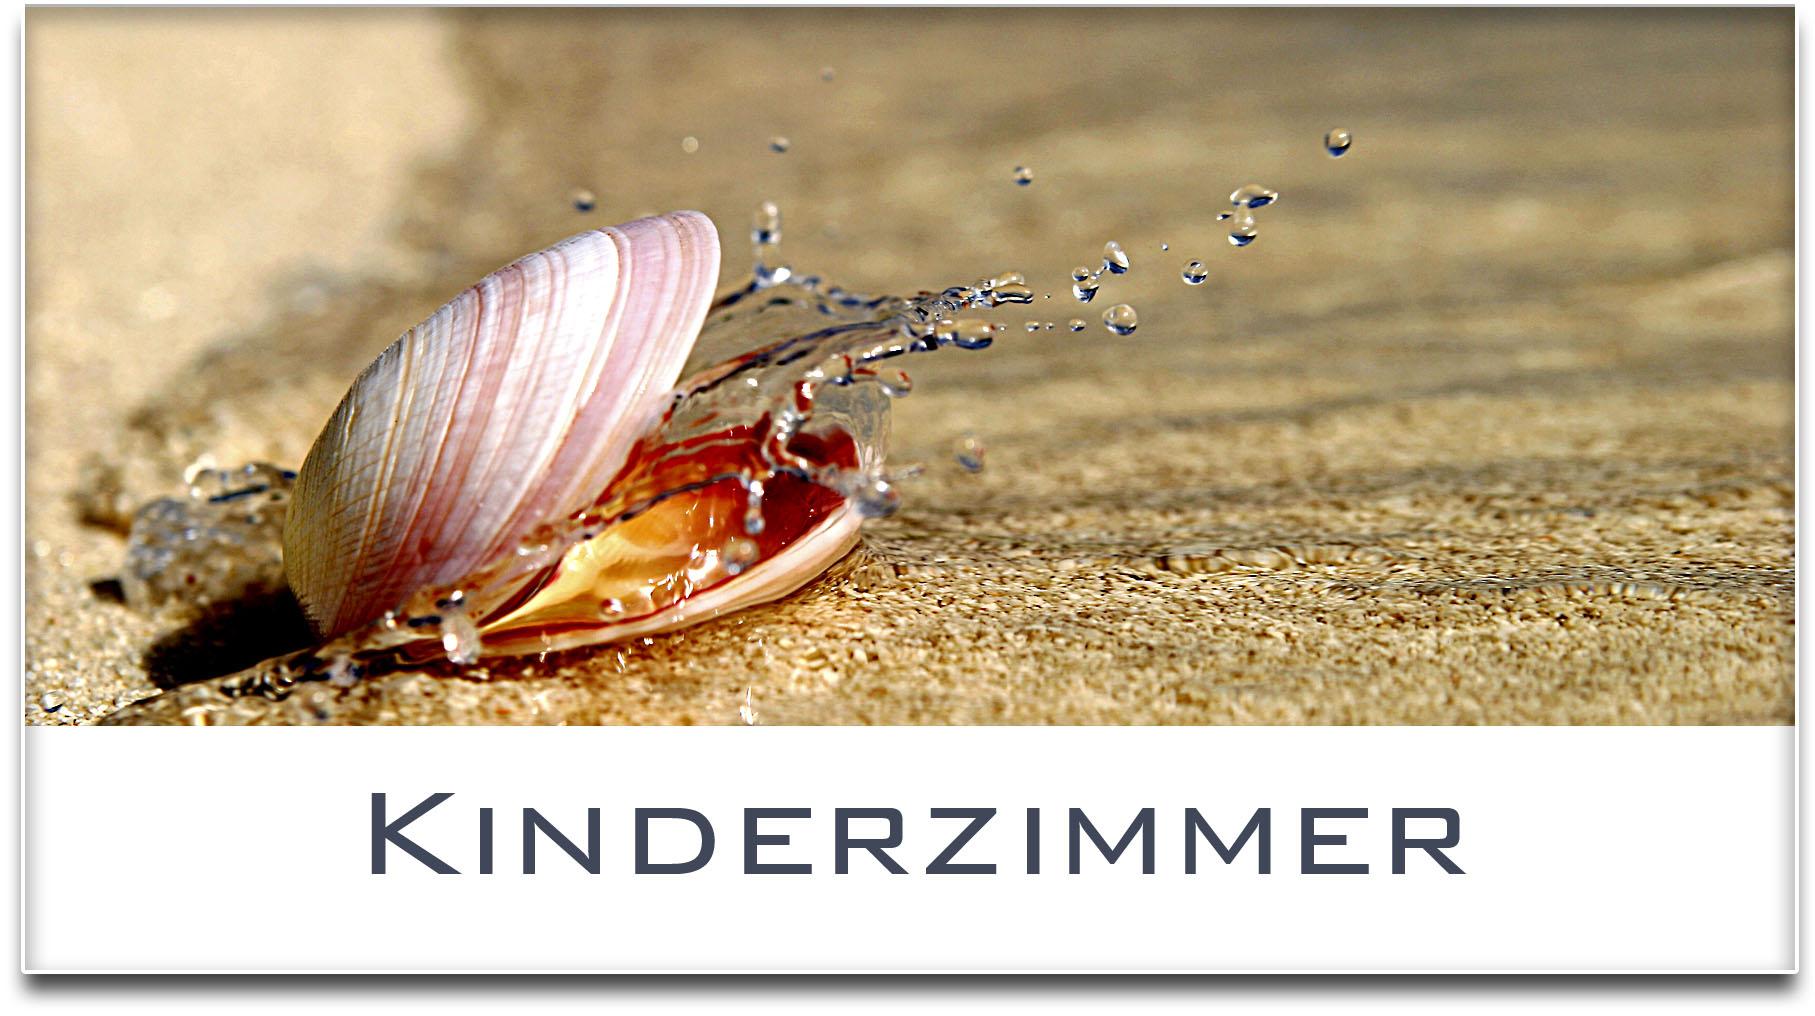 Türschild / Haustürschild / Muschel / Kinderzimmer / Selbstklebend